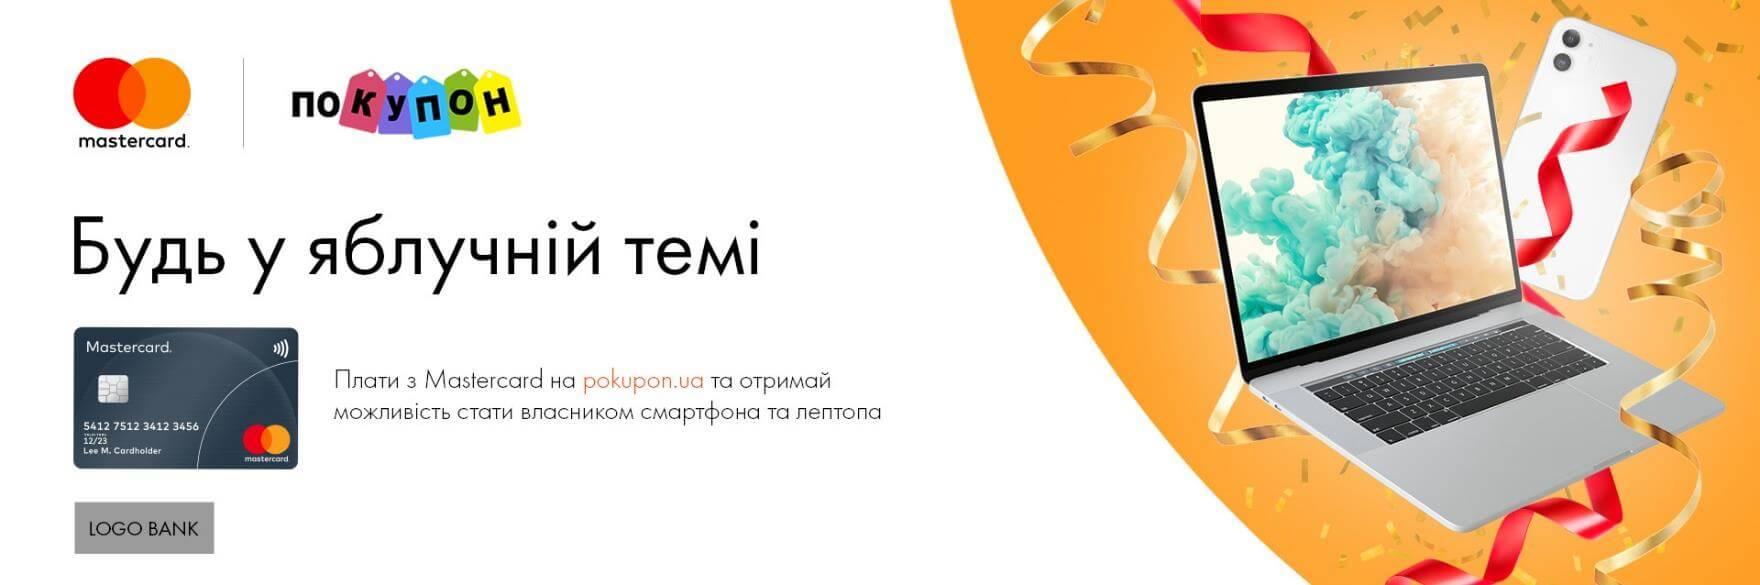 Спеціальна пропозиція Mastercard у рамках промо акціїї з компанією Pokupon - фото - mtb.ua